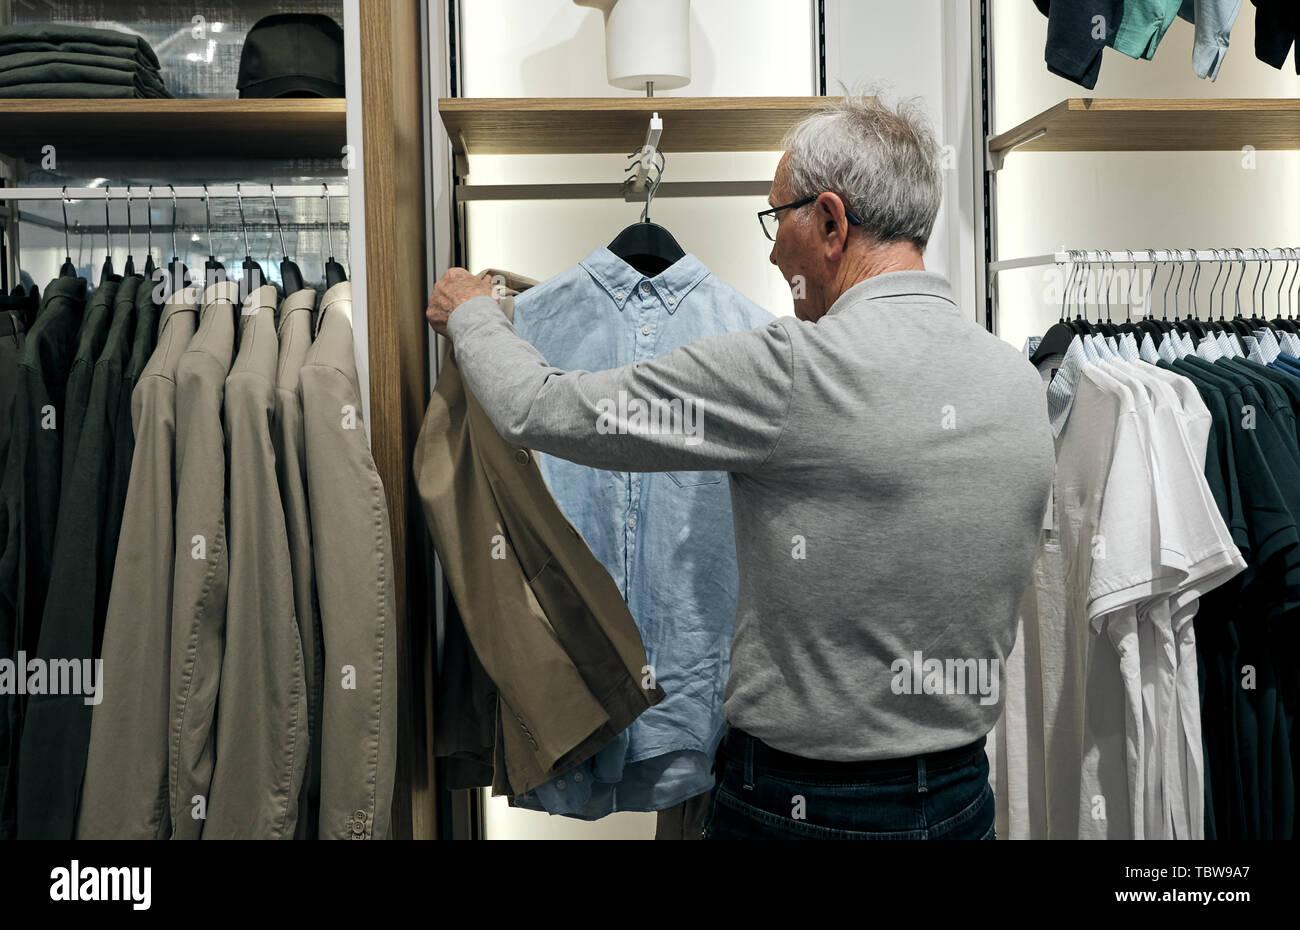 Viejo Hombre Senior Haciendo Compras Elegir Ropa En Vintage Tienda De Ropa En Venta Compras Moda Y Gente Concepto Fotografía De Stock Alamy